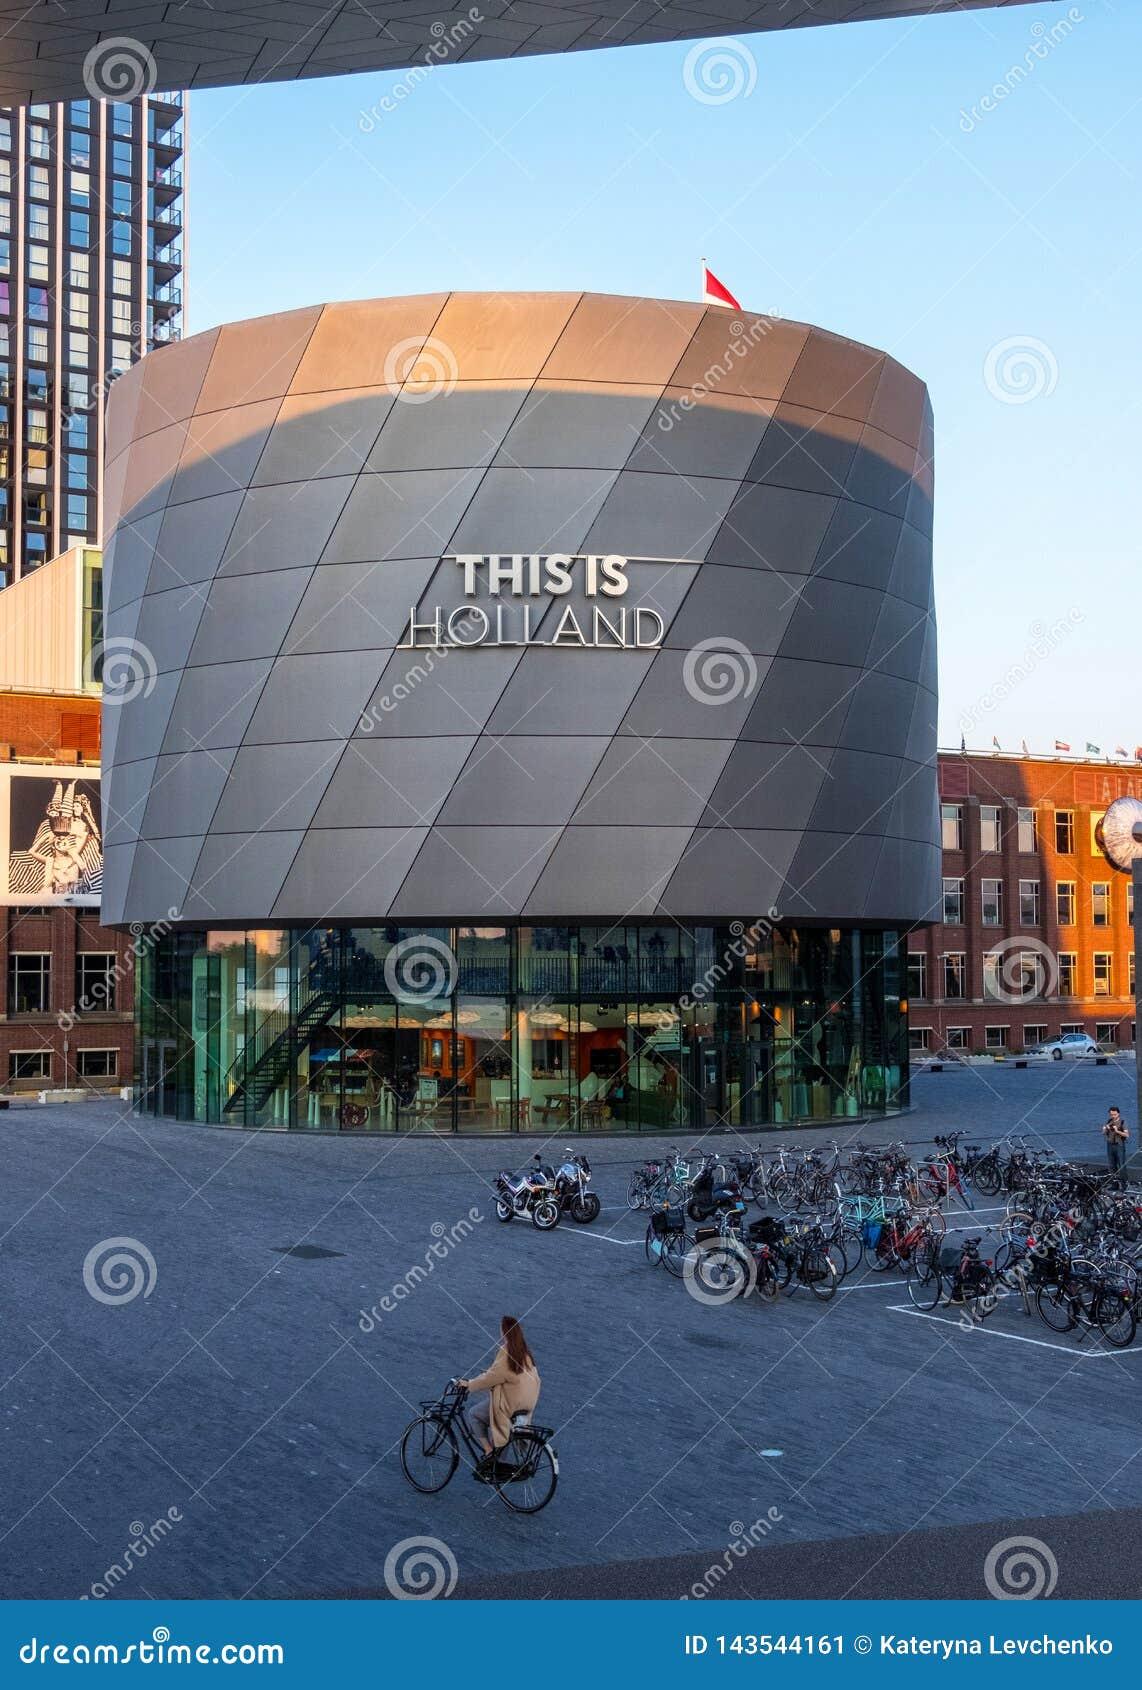 Denna är Holland Discover Amsterdam